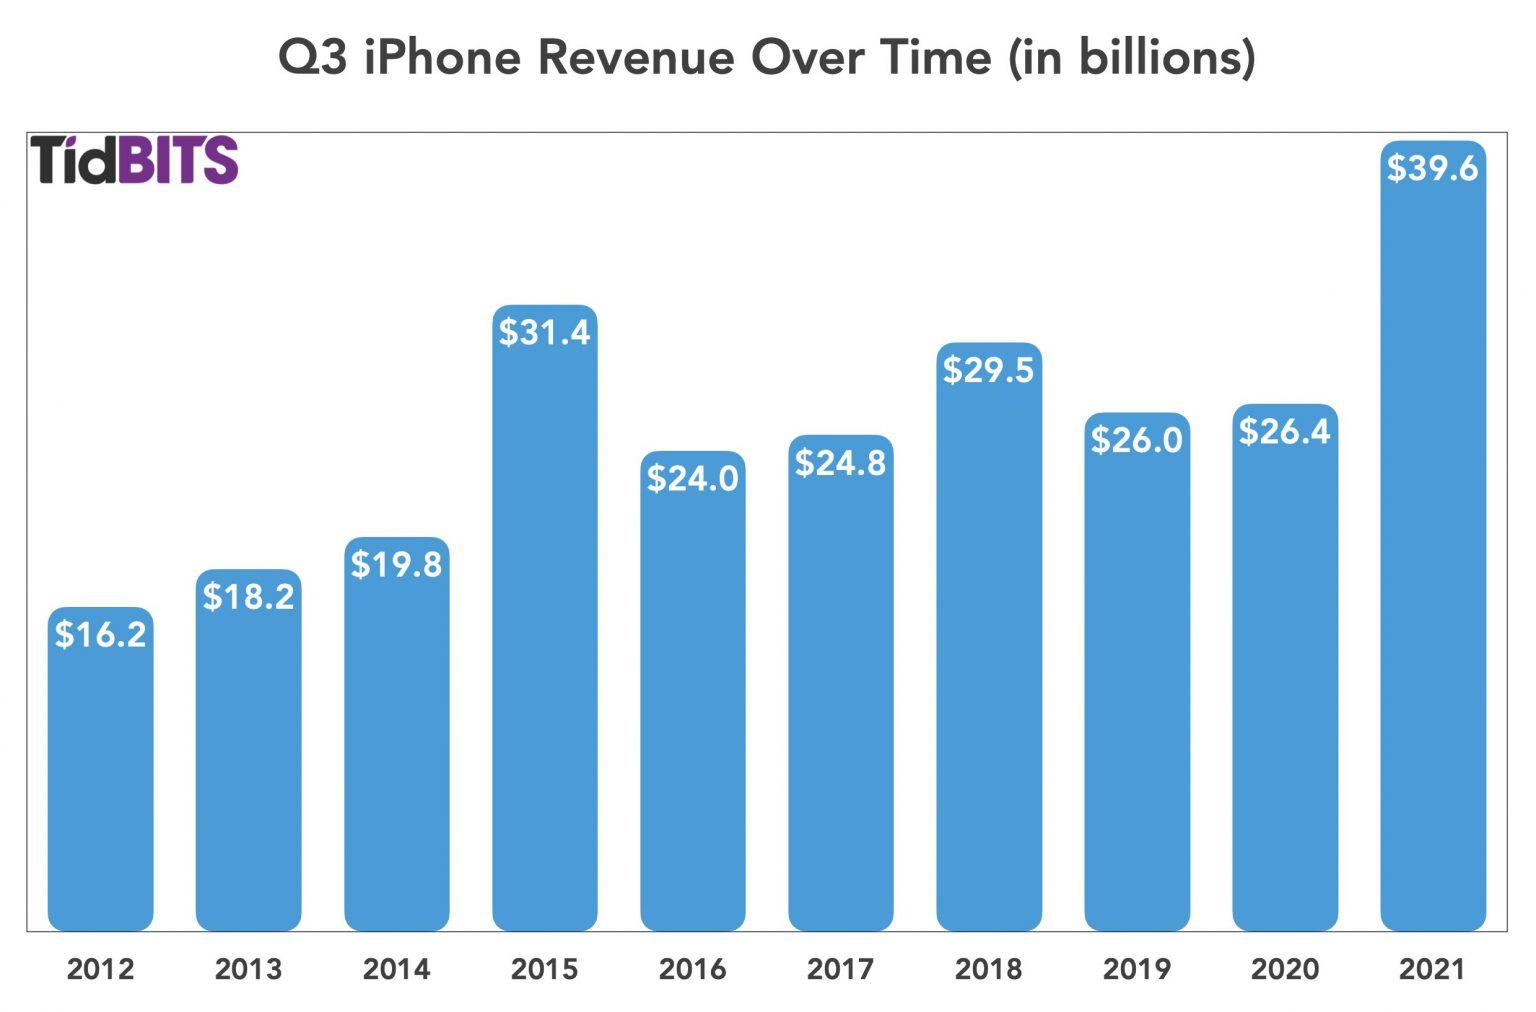 Q3 iPhone Revenue Over Time